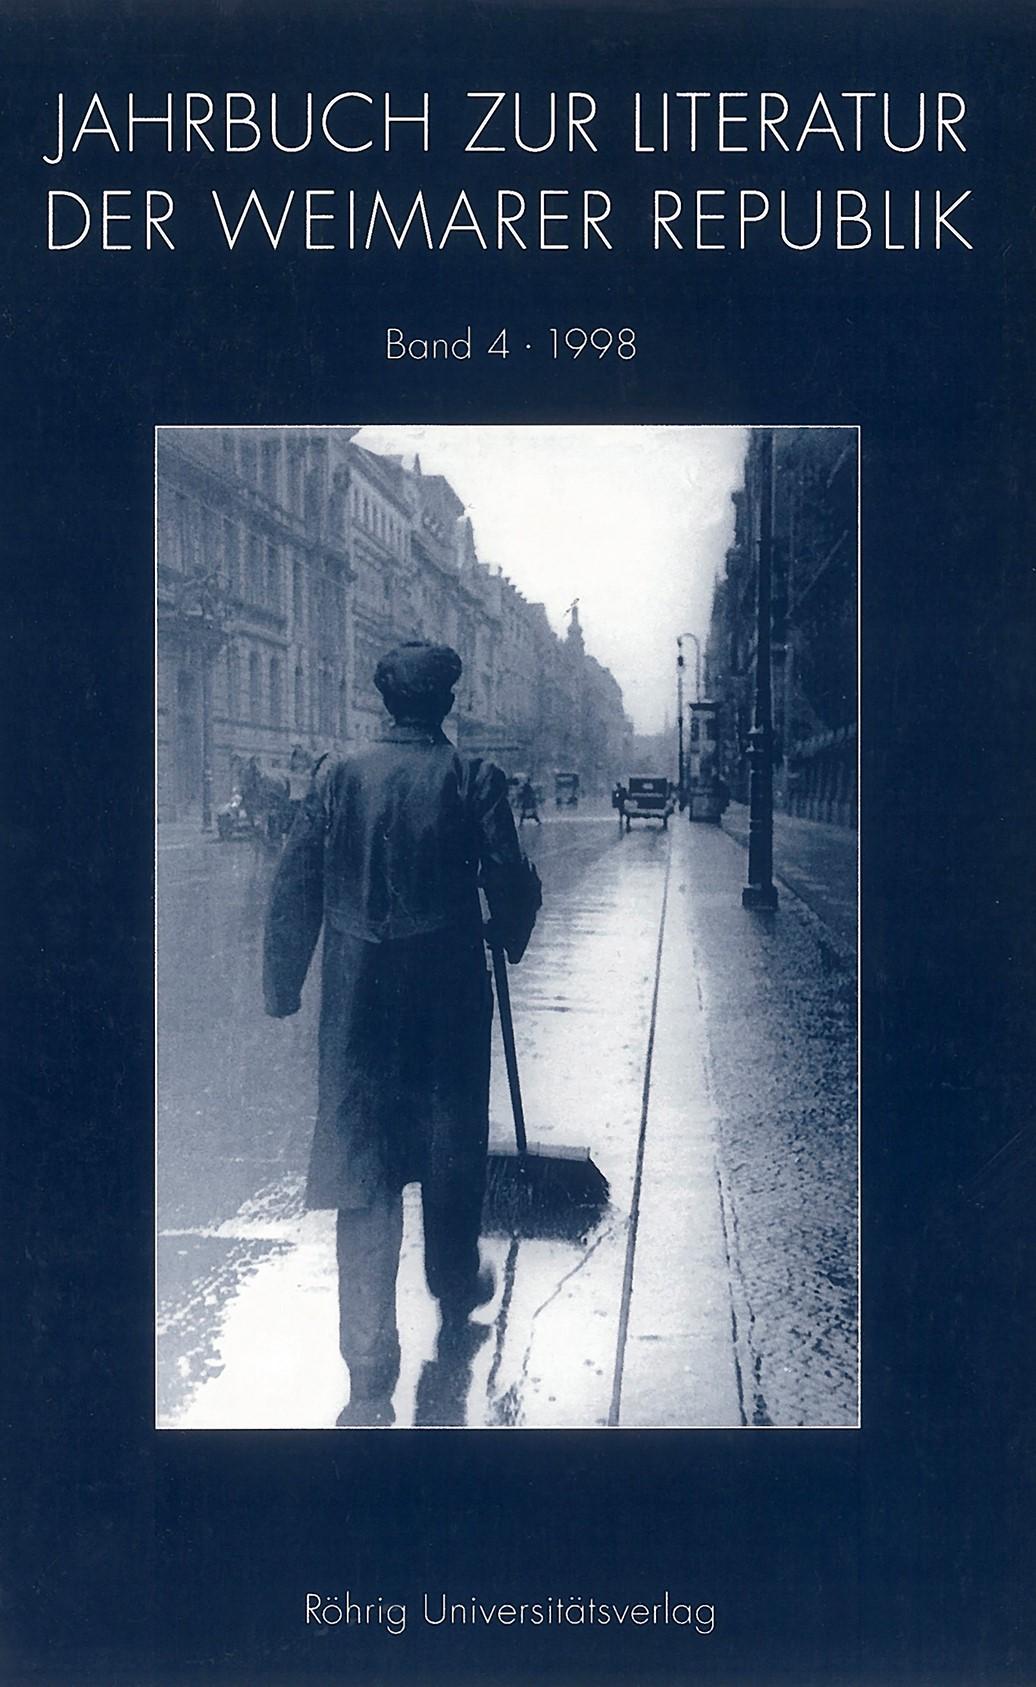 JAHRBUCH ZUR KULTUR UND LITERATUR DER WEIMARER REPUBLIK, 1998 | Buch (Cover)